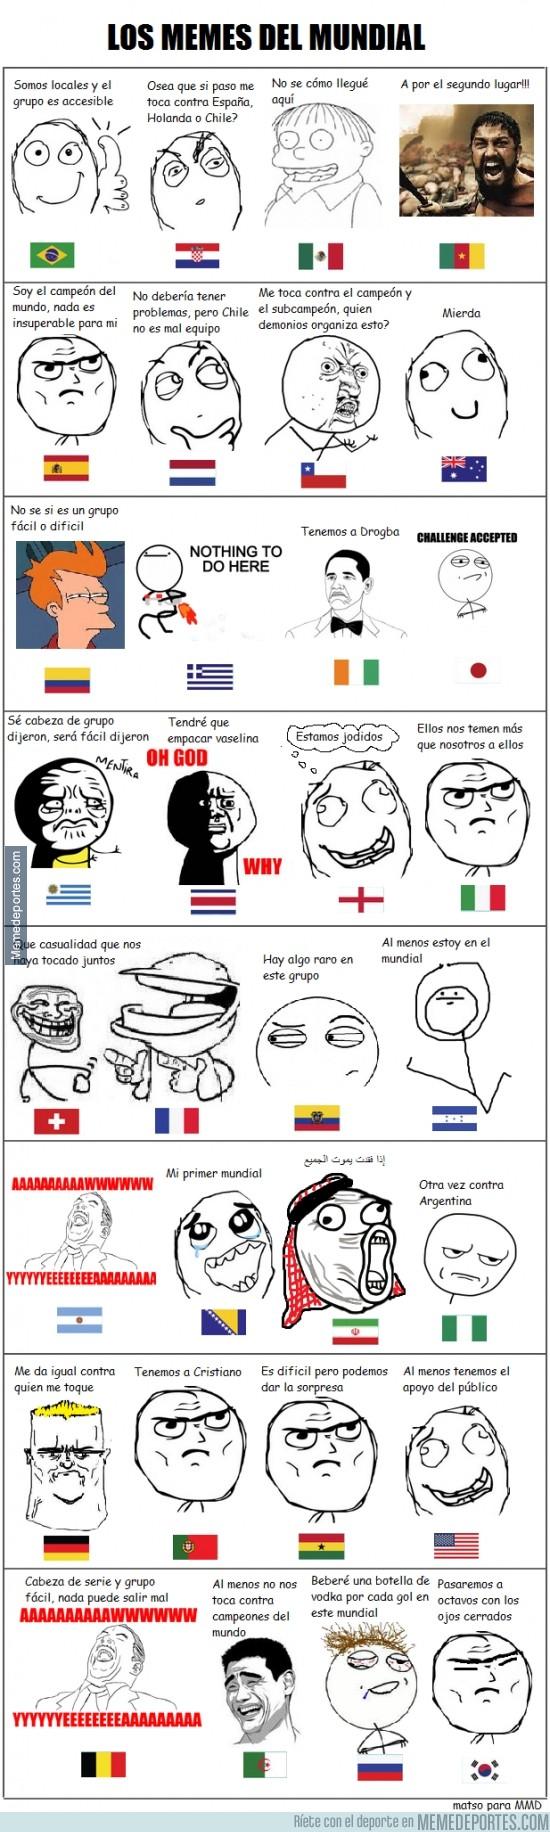 223331 - Los memes del mundial